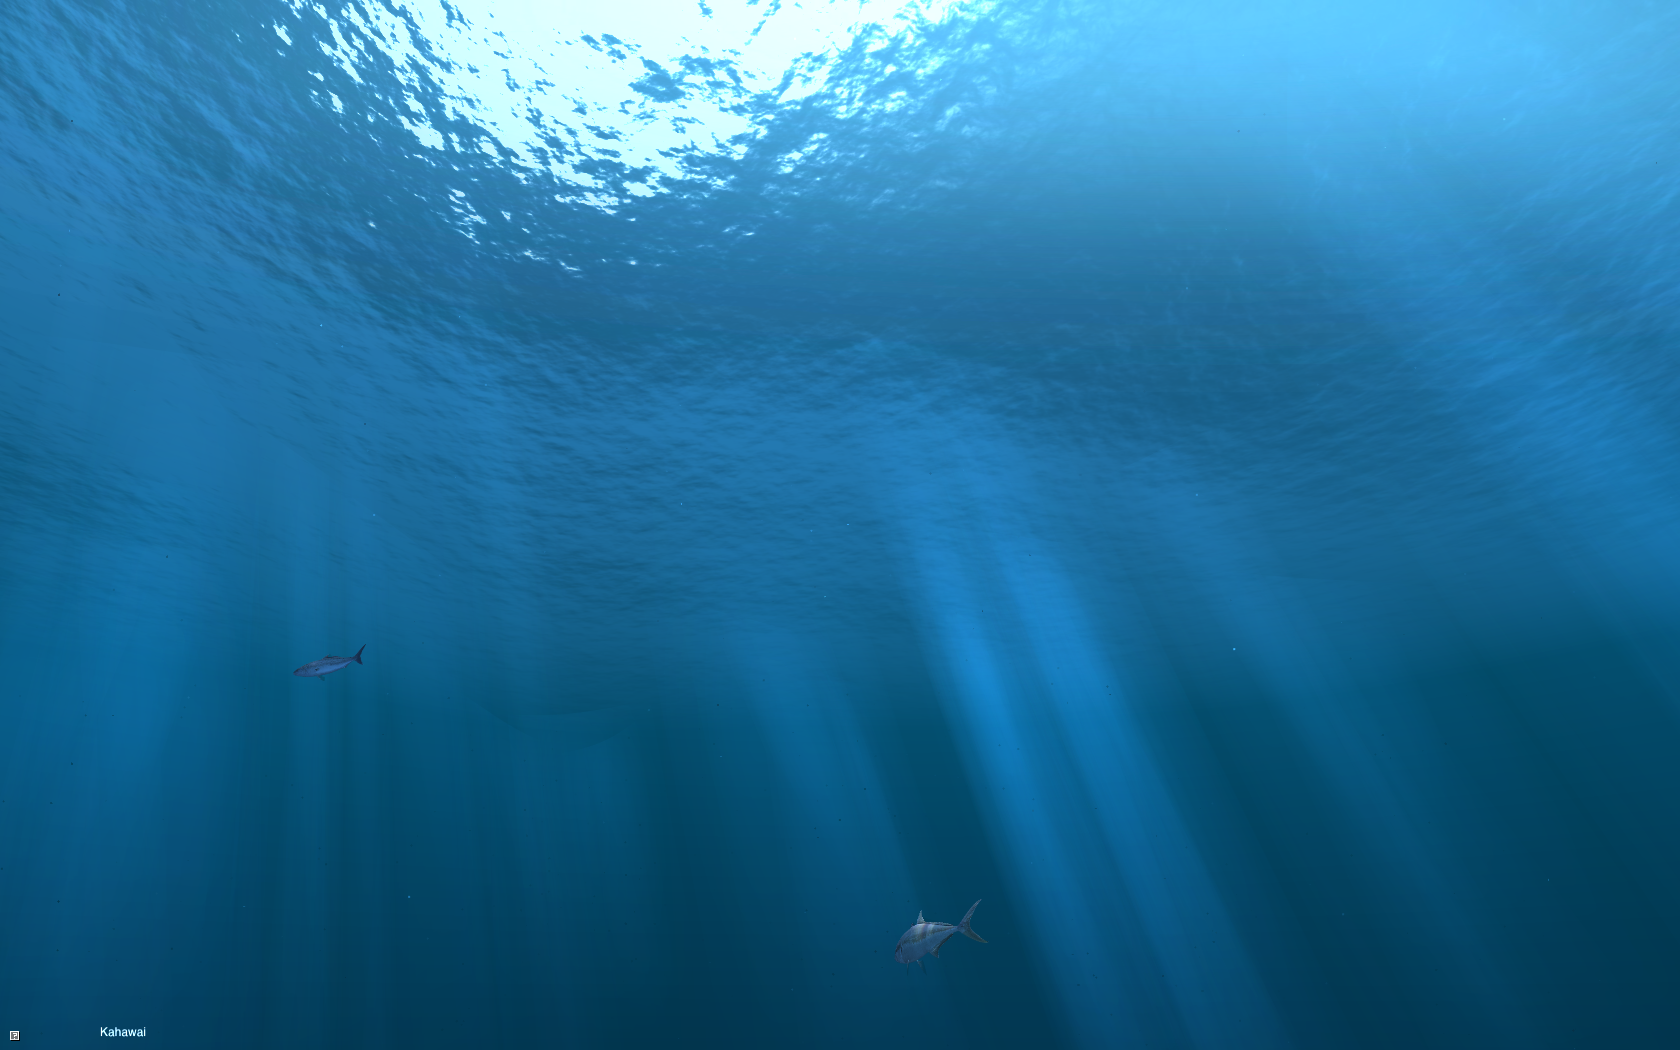 ocean_9122101580_o